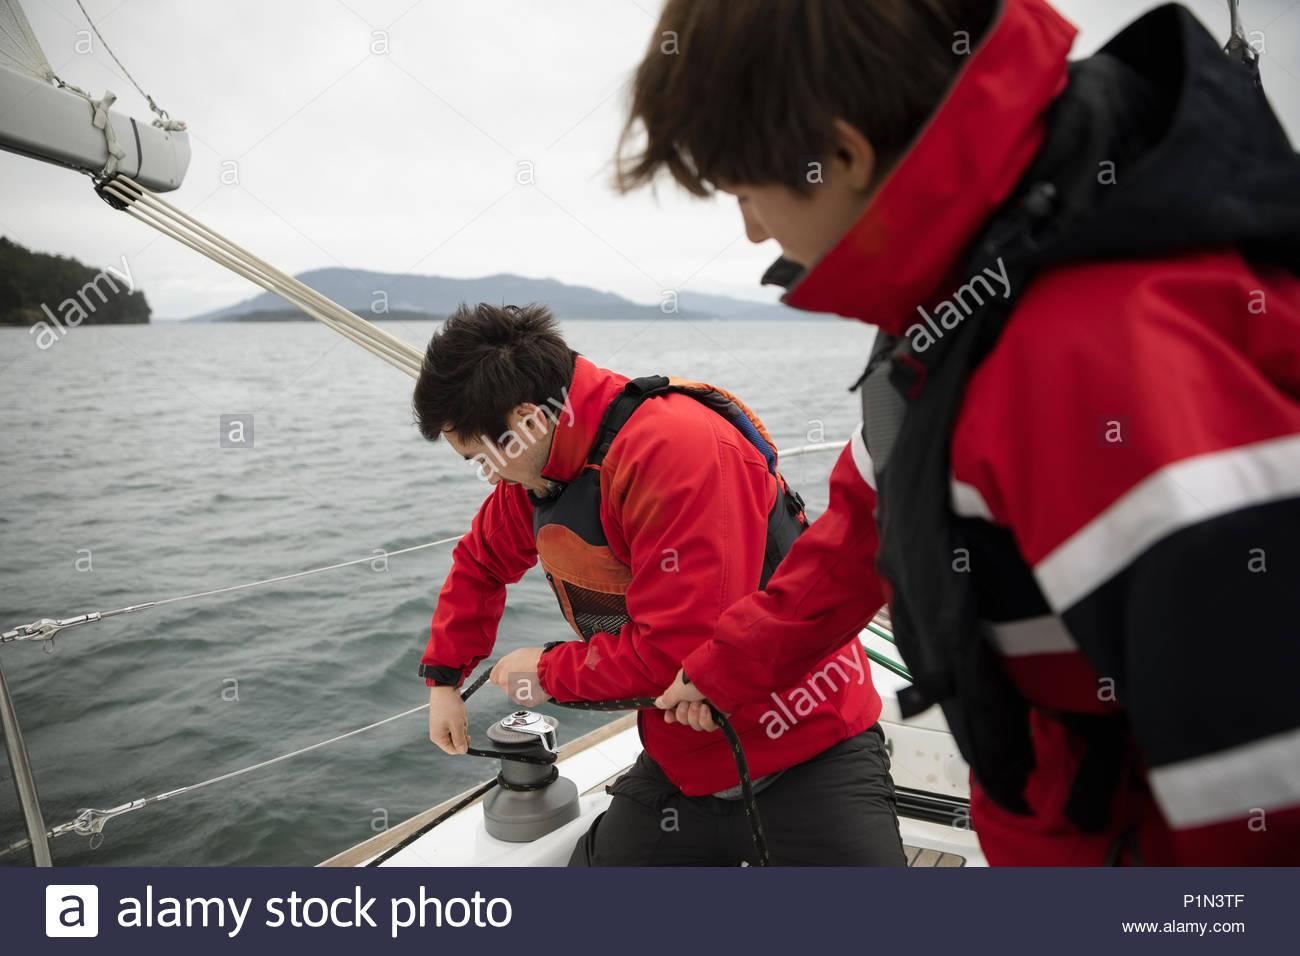 Appareils de réglage de l'équipe de voile sur voilier sur l'ocean Photo Stock